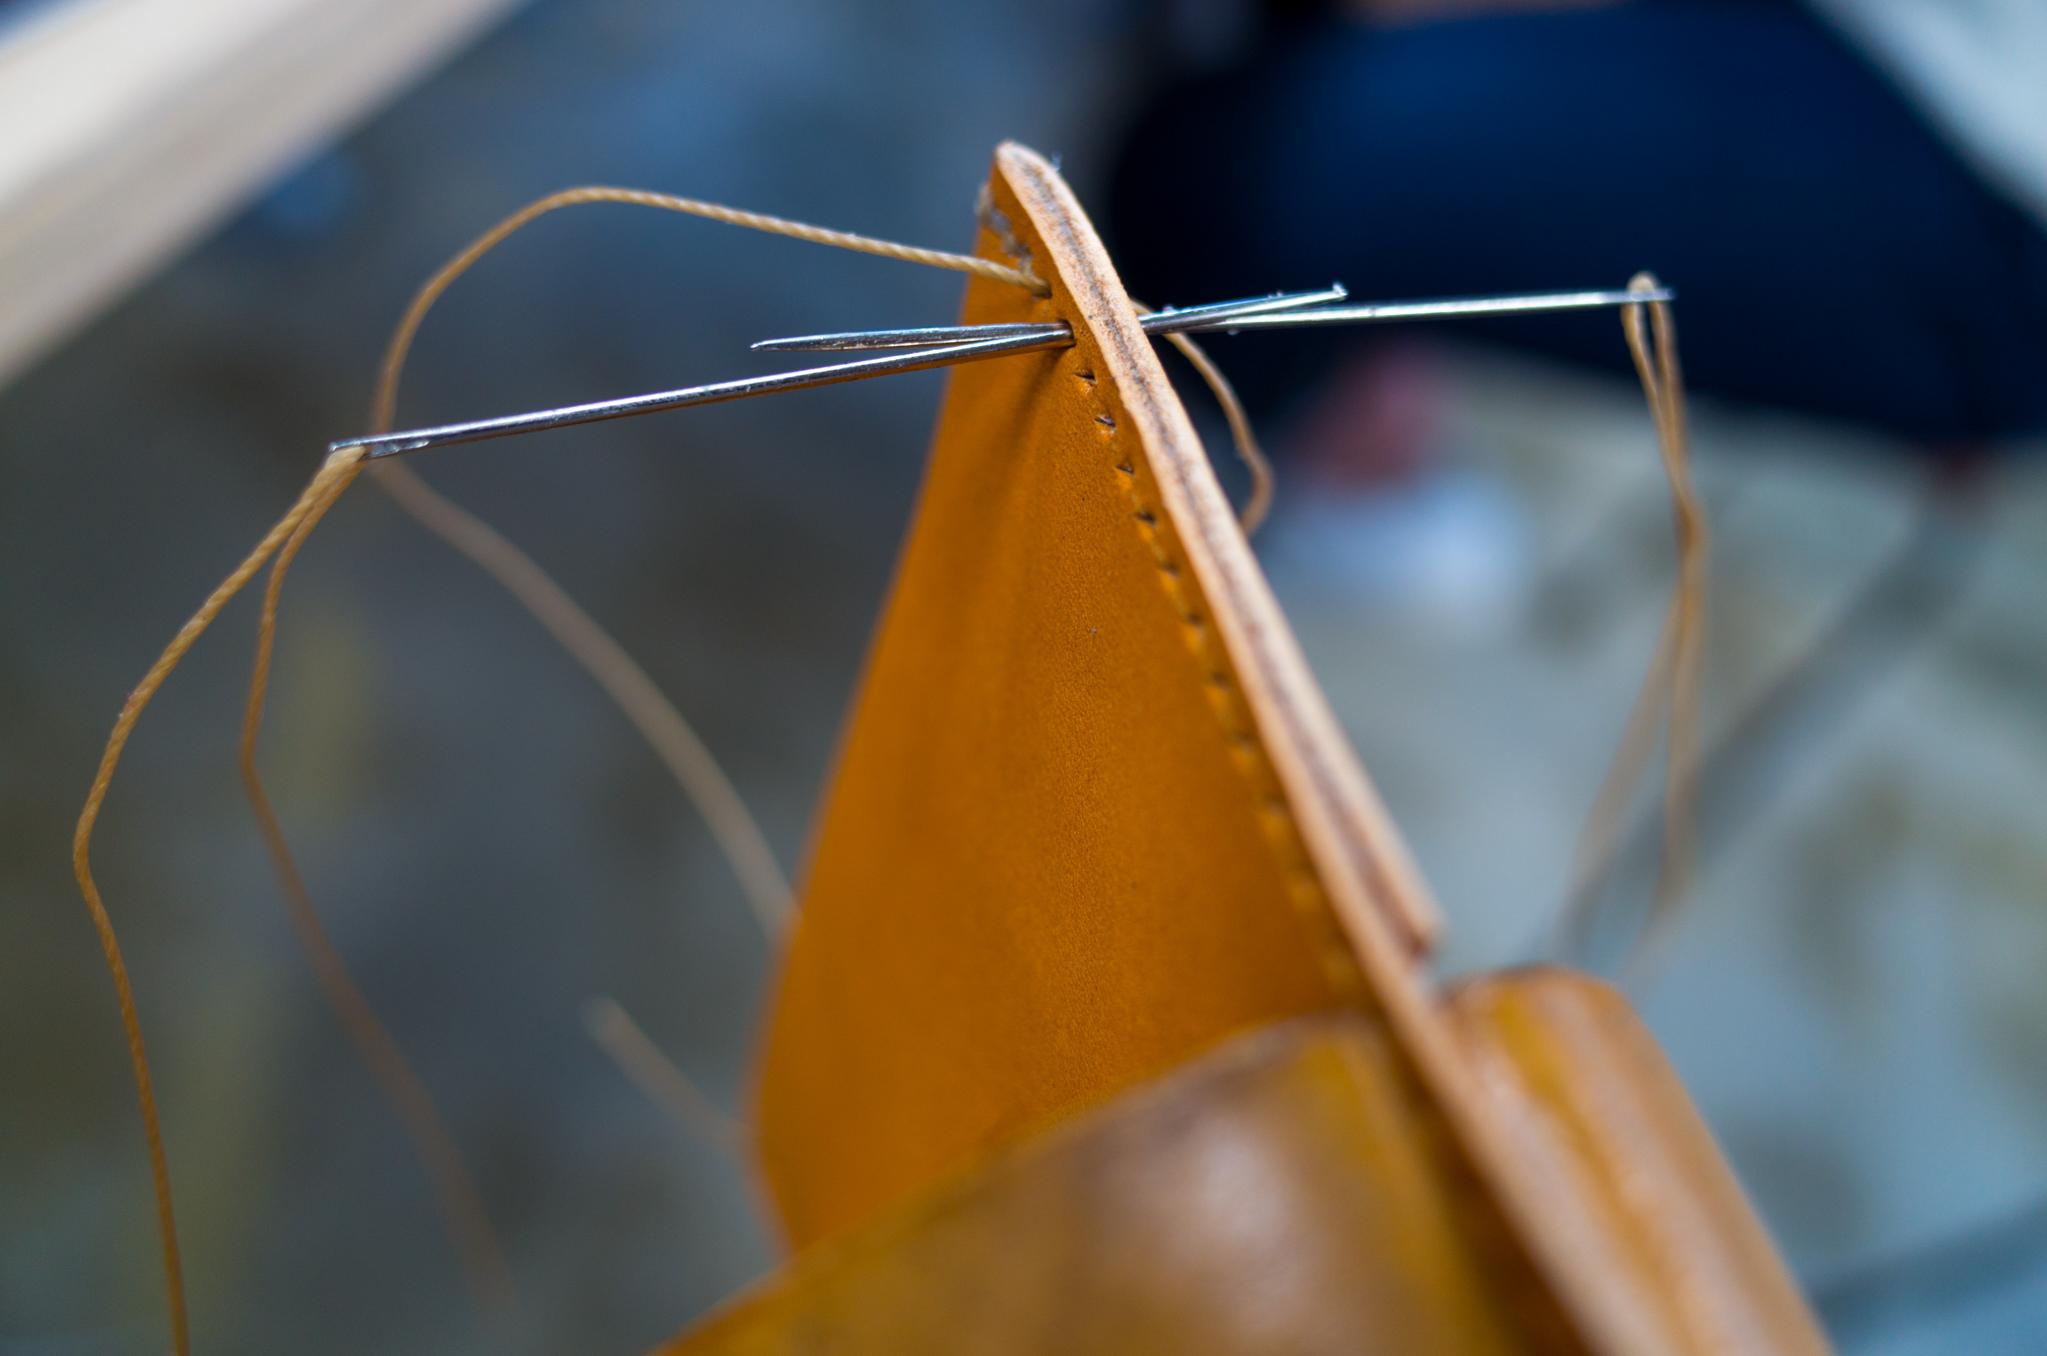 縫いが固くて、針が指に刺さって大変だった。。。